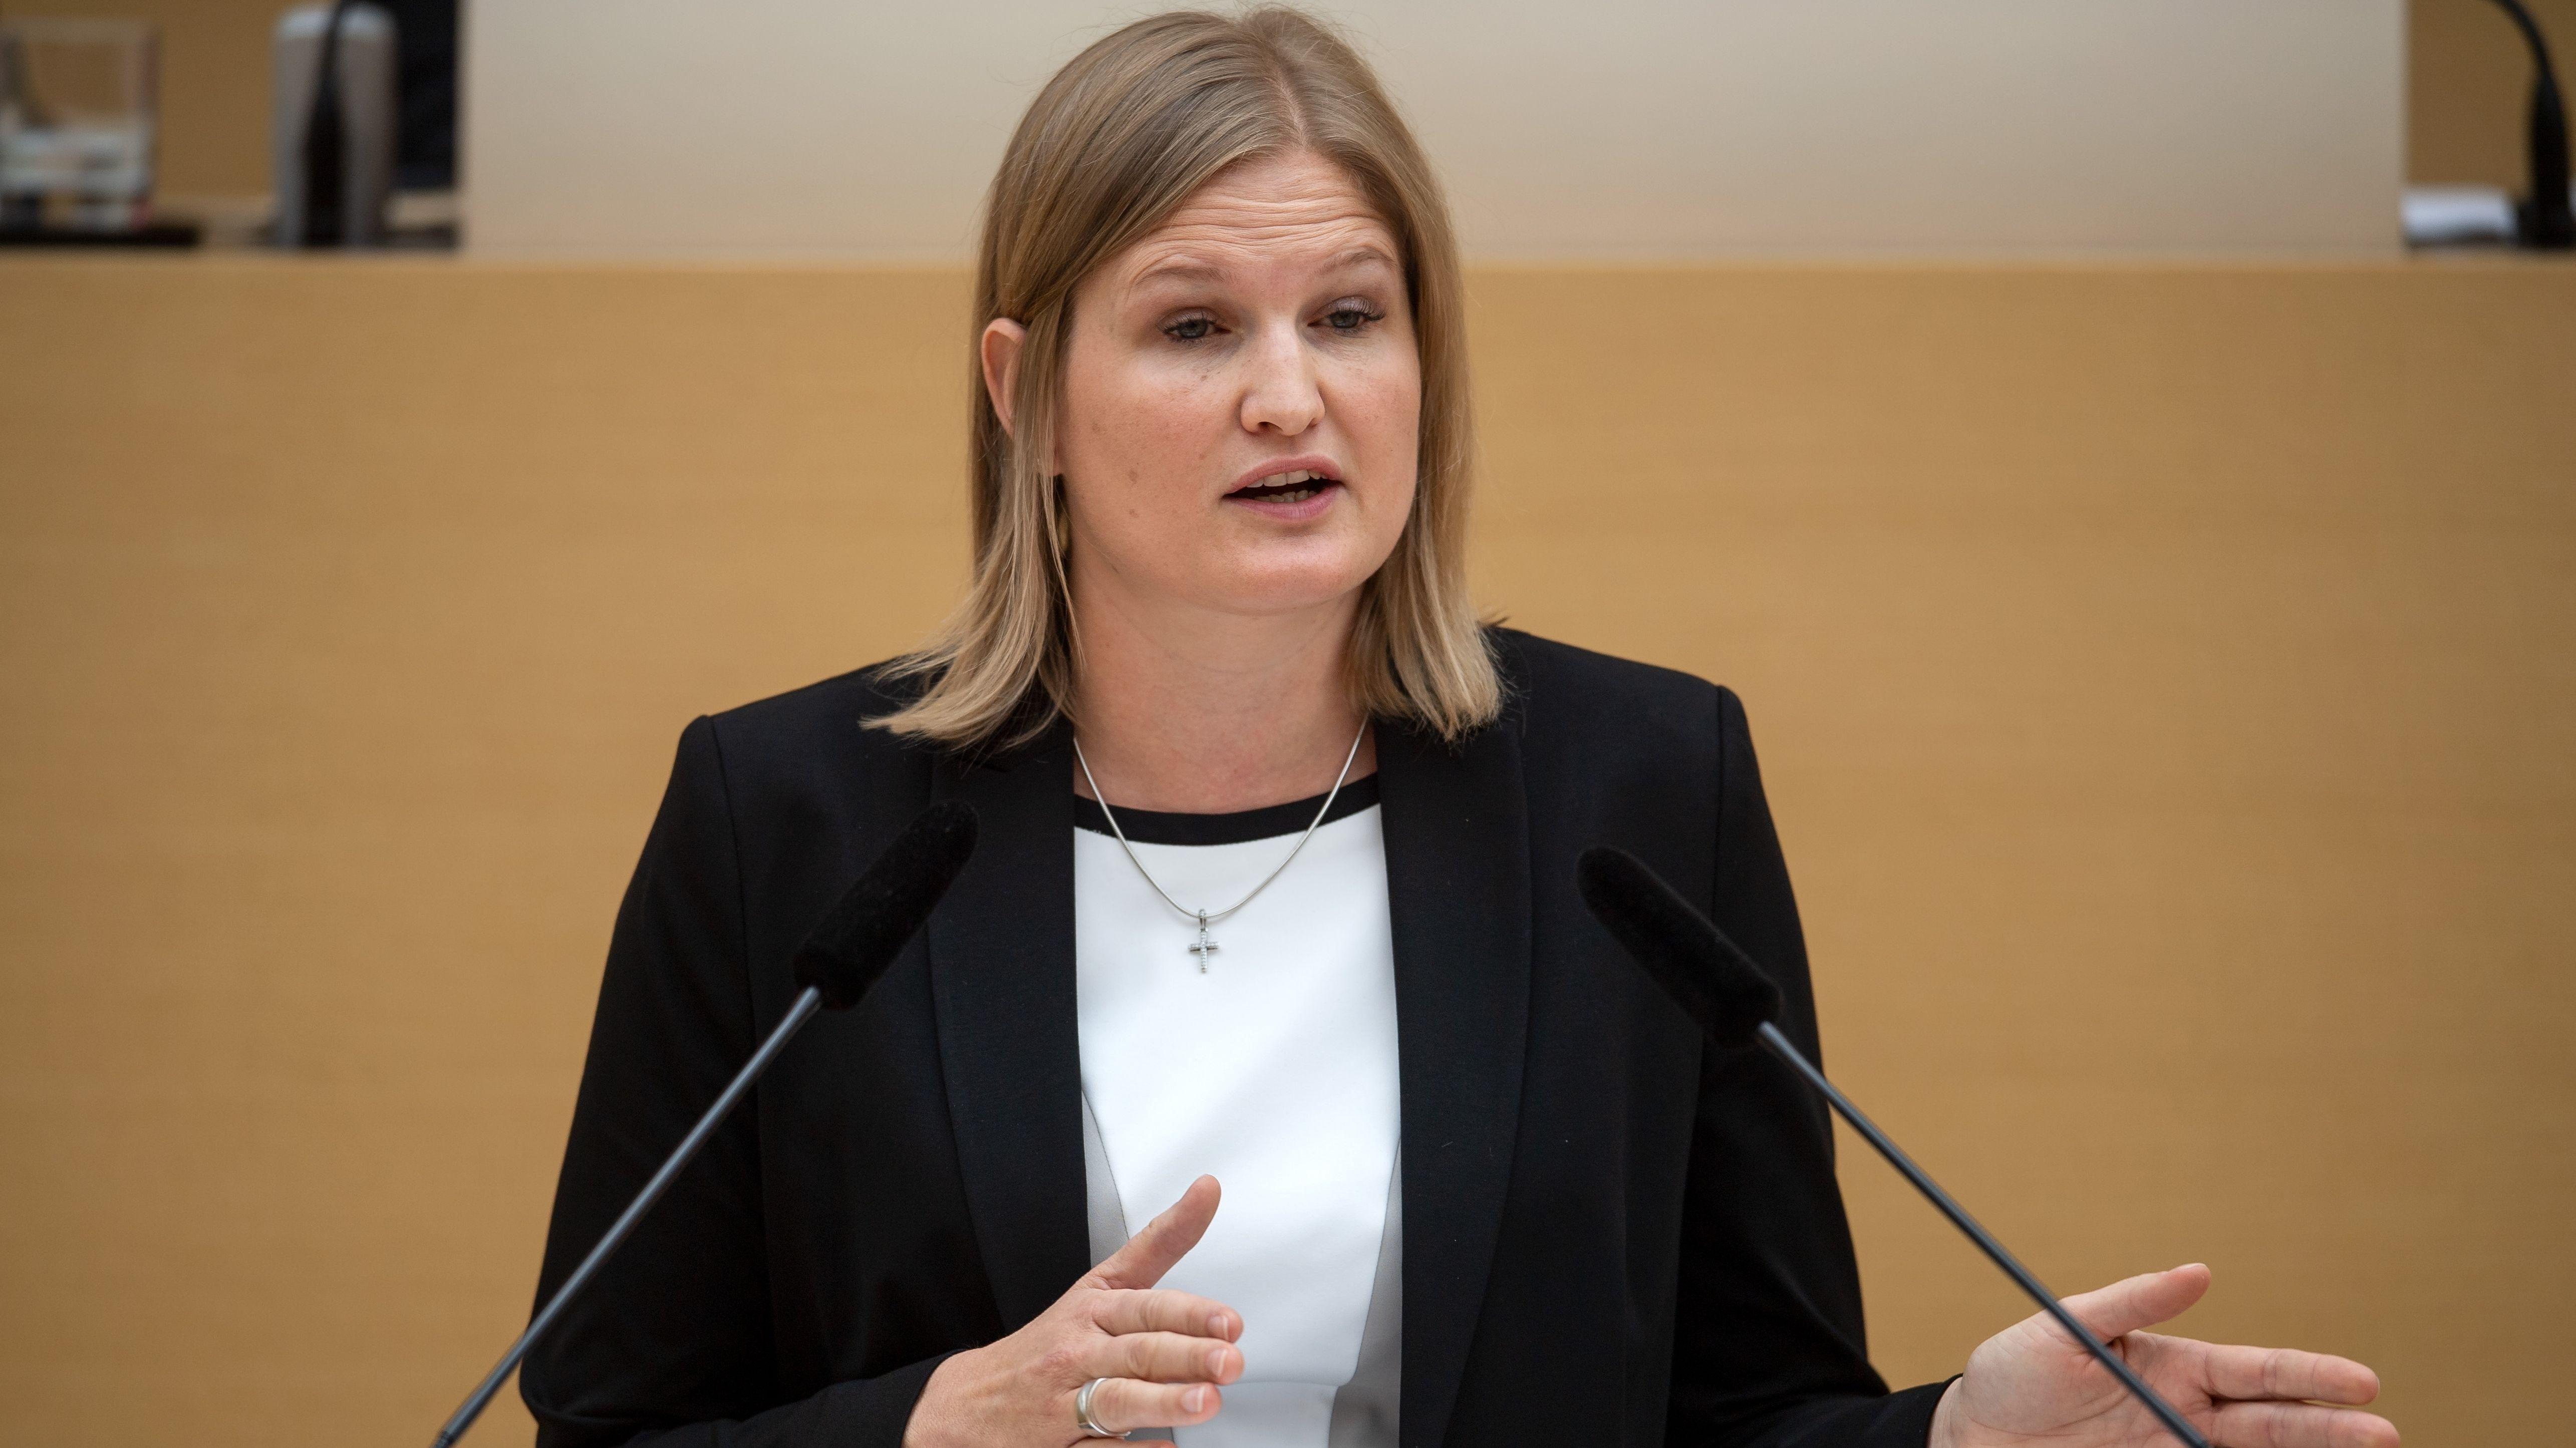 Katrin Ebner-Steiner, stellvertretende Landesvorsitzende der AfD in Bayern, spricht im Plenarsaal während der Landtagssitzung am 23. Mai 2019.